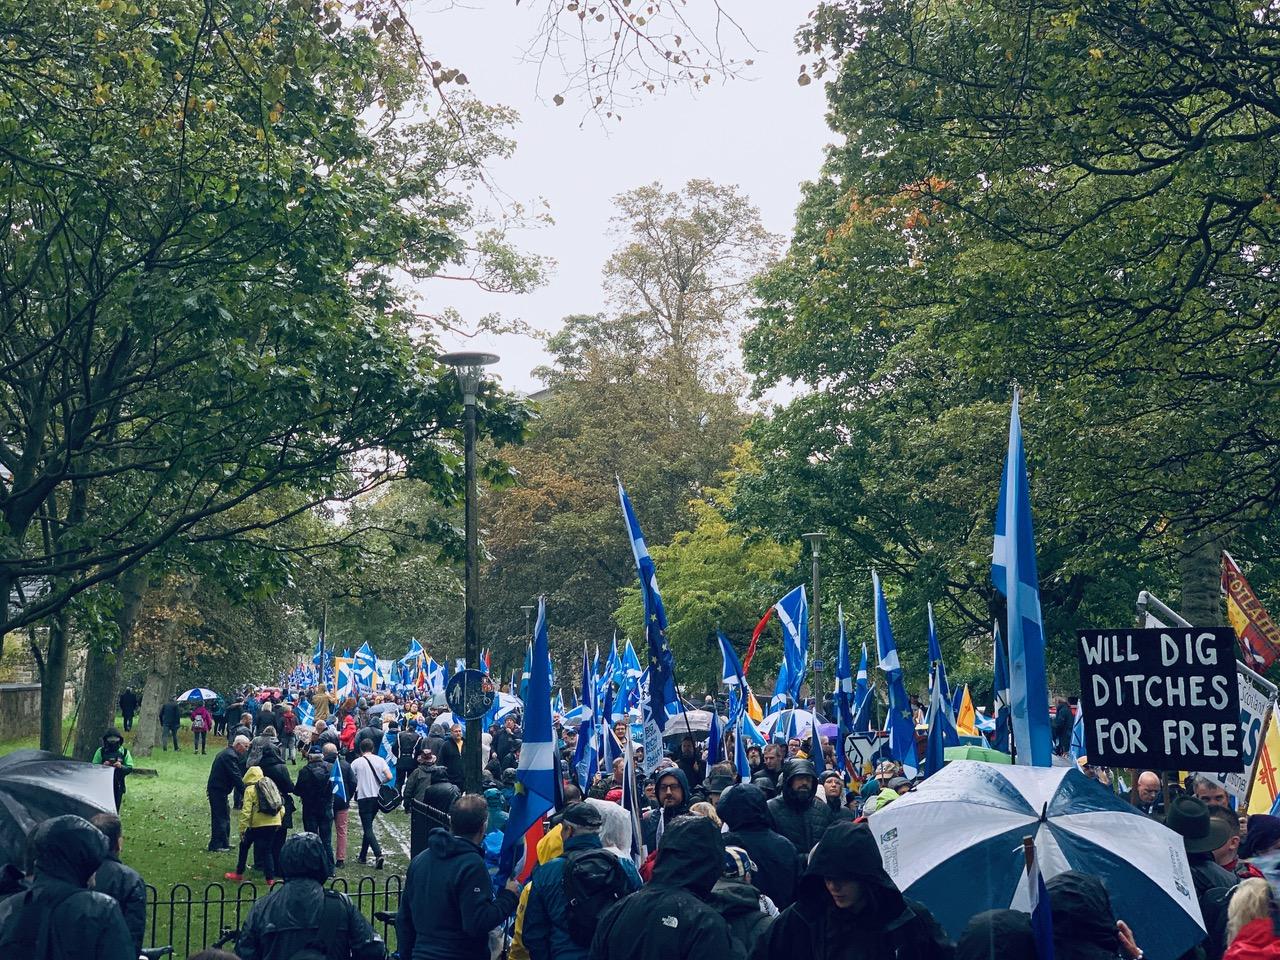 スコットランド独立運動マーチのデモ行進